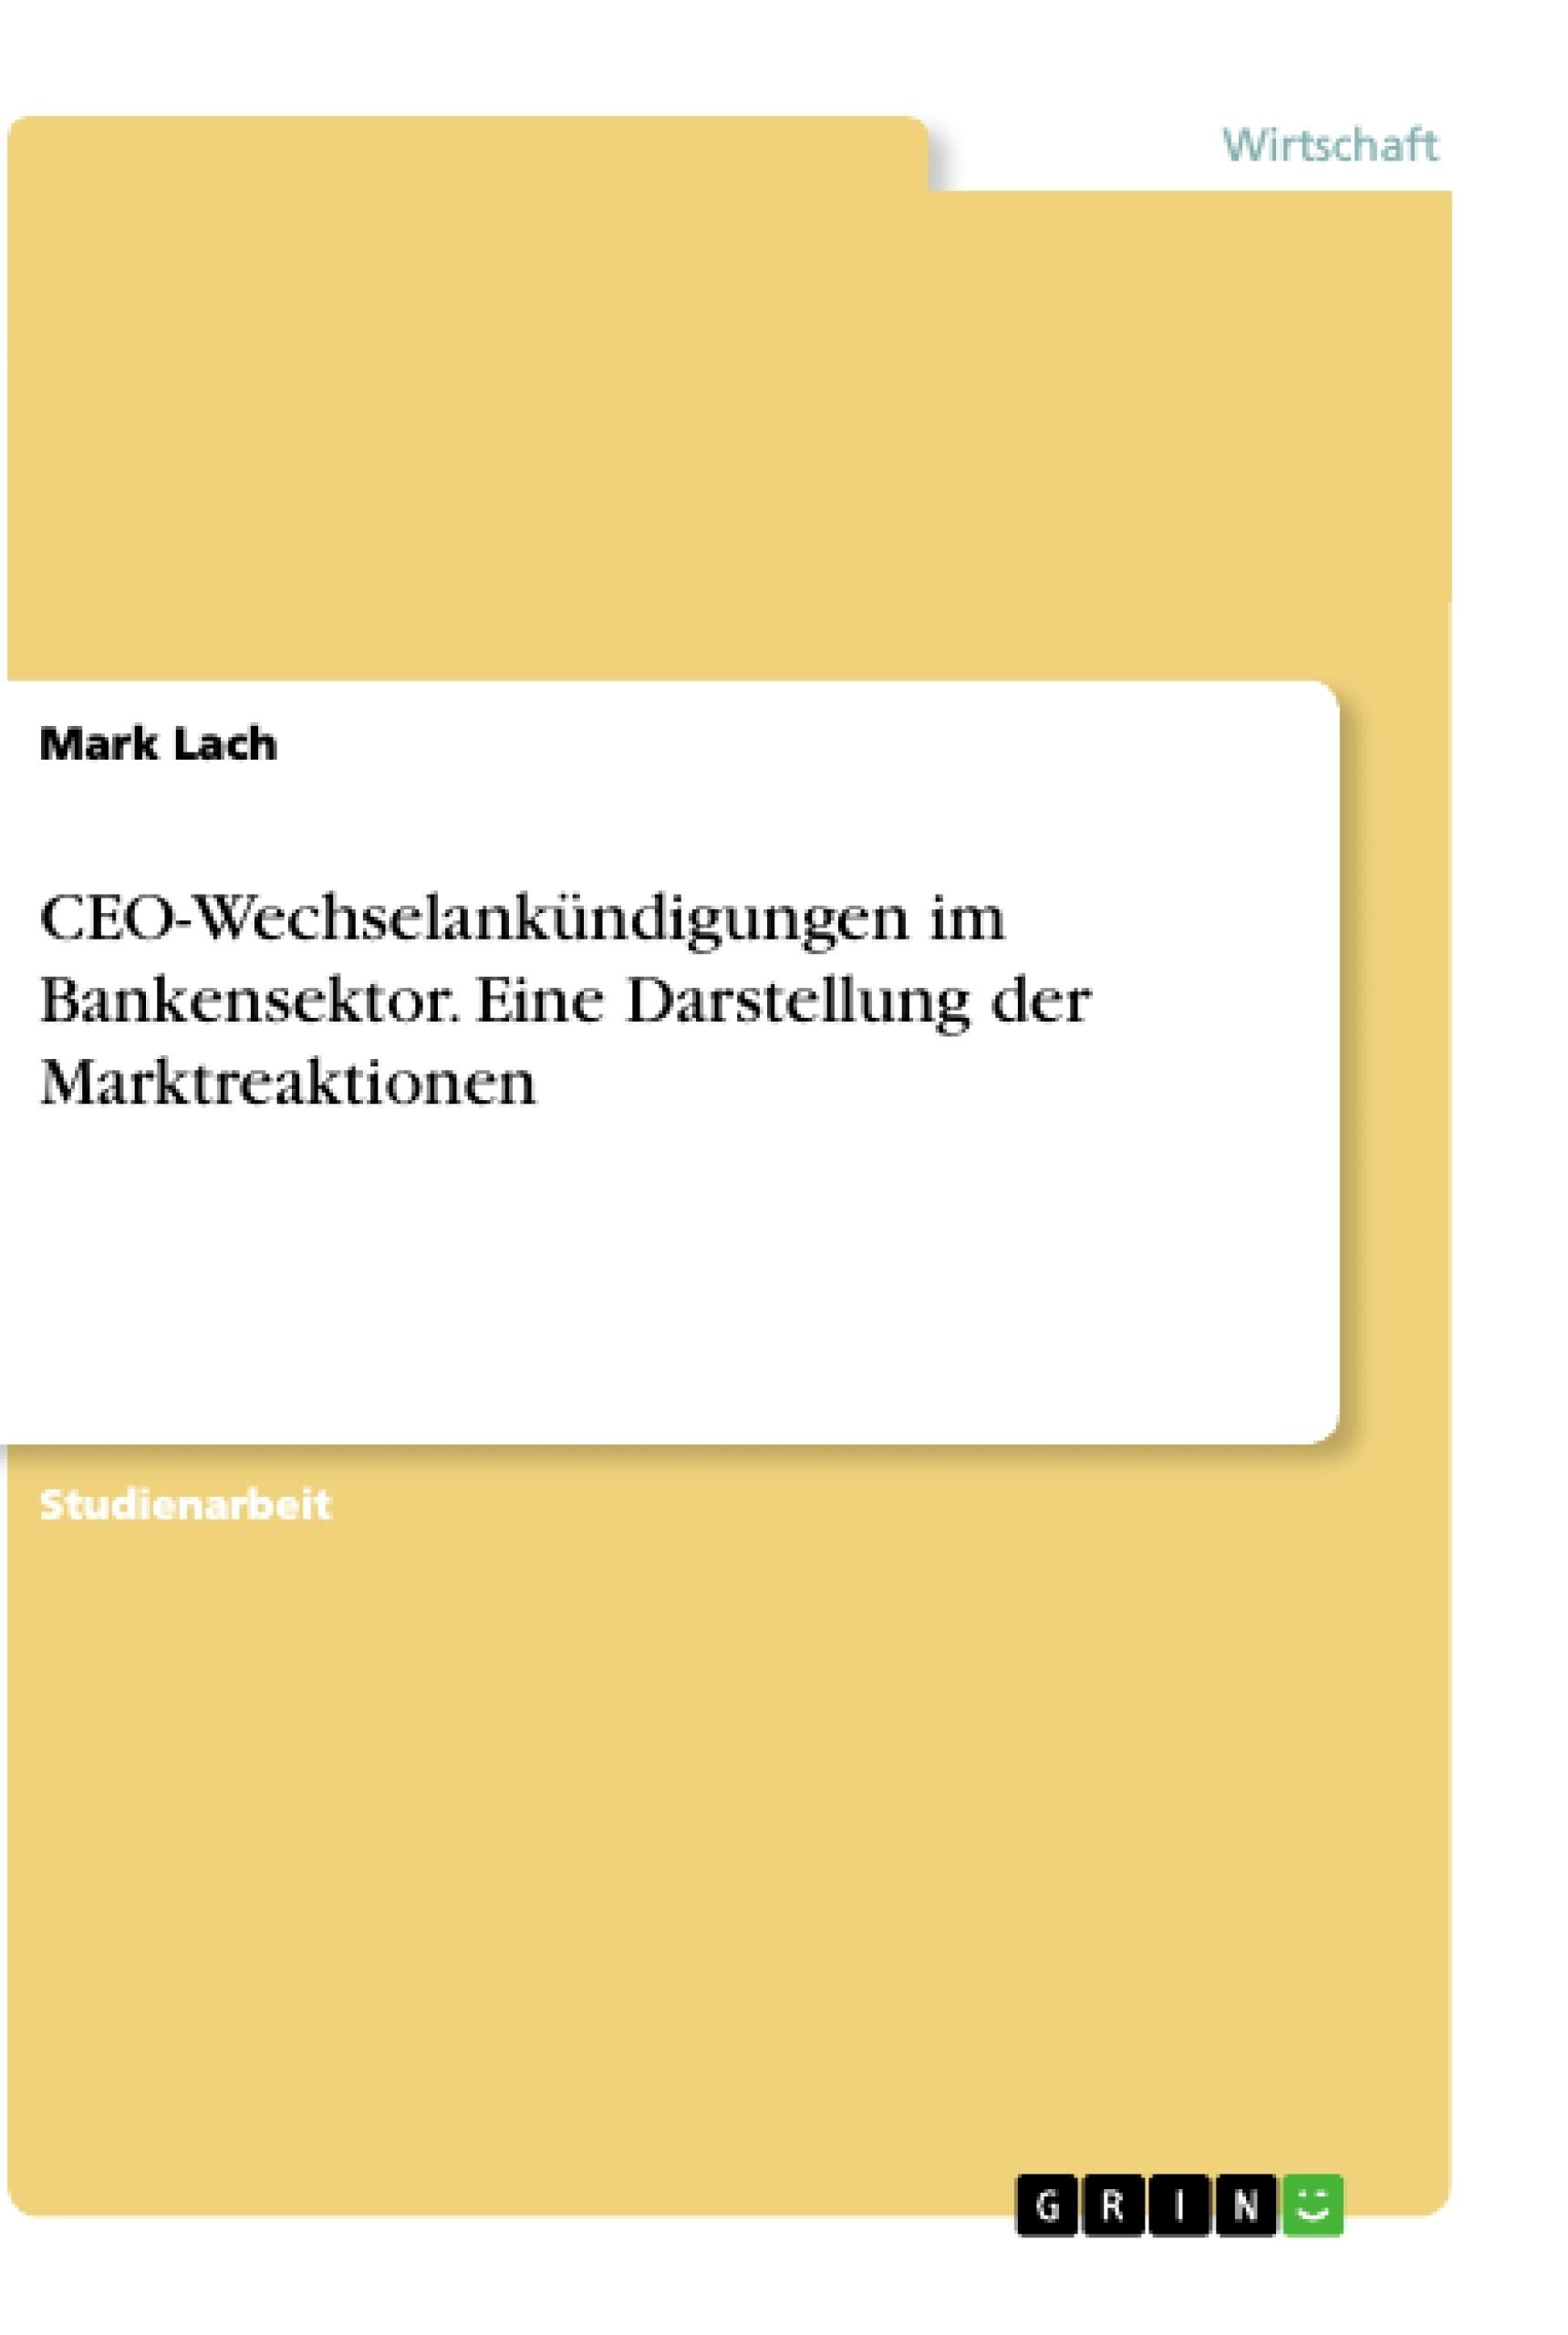 Titel: CEO-Wechselankündigungen im Bankensektor. Eine Darstellung der Marktreaktionen